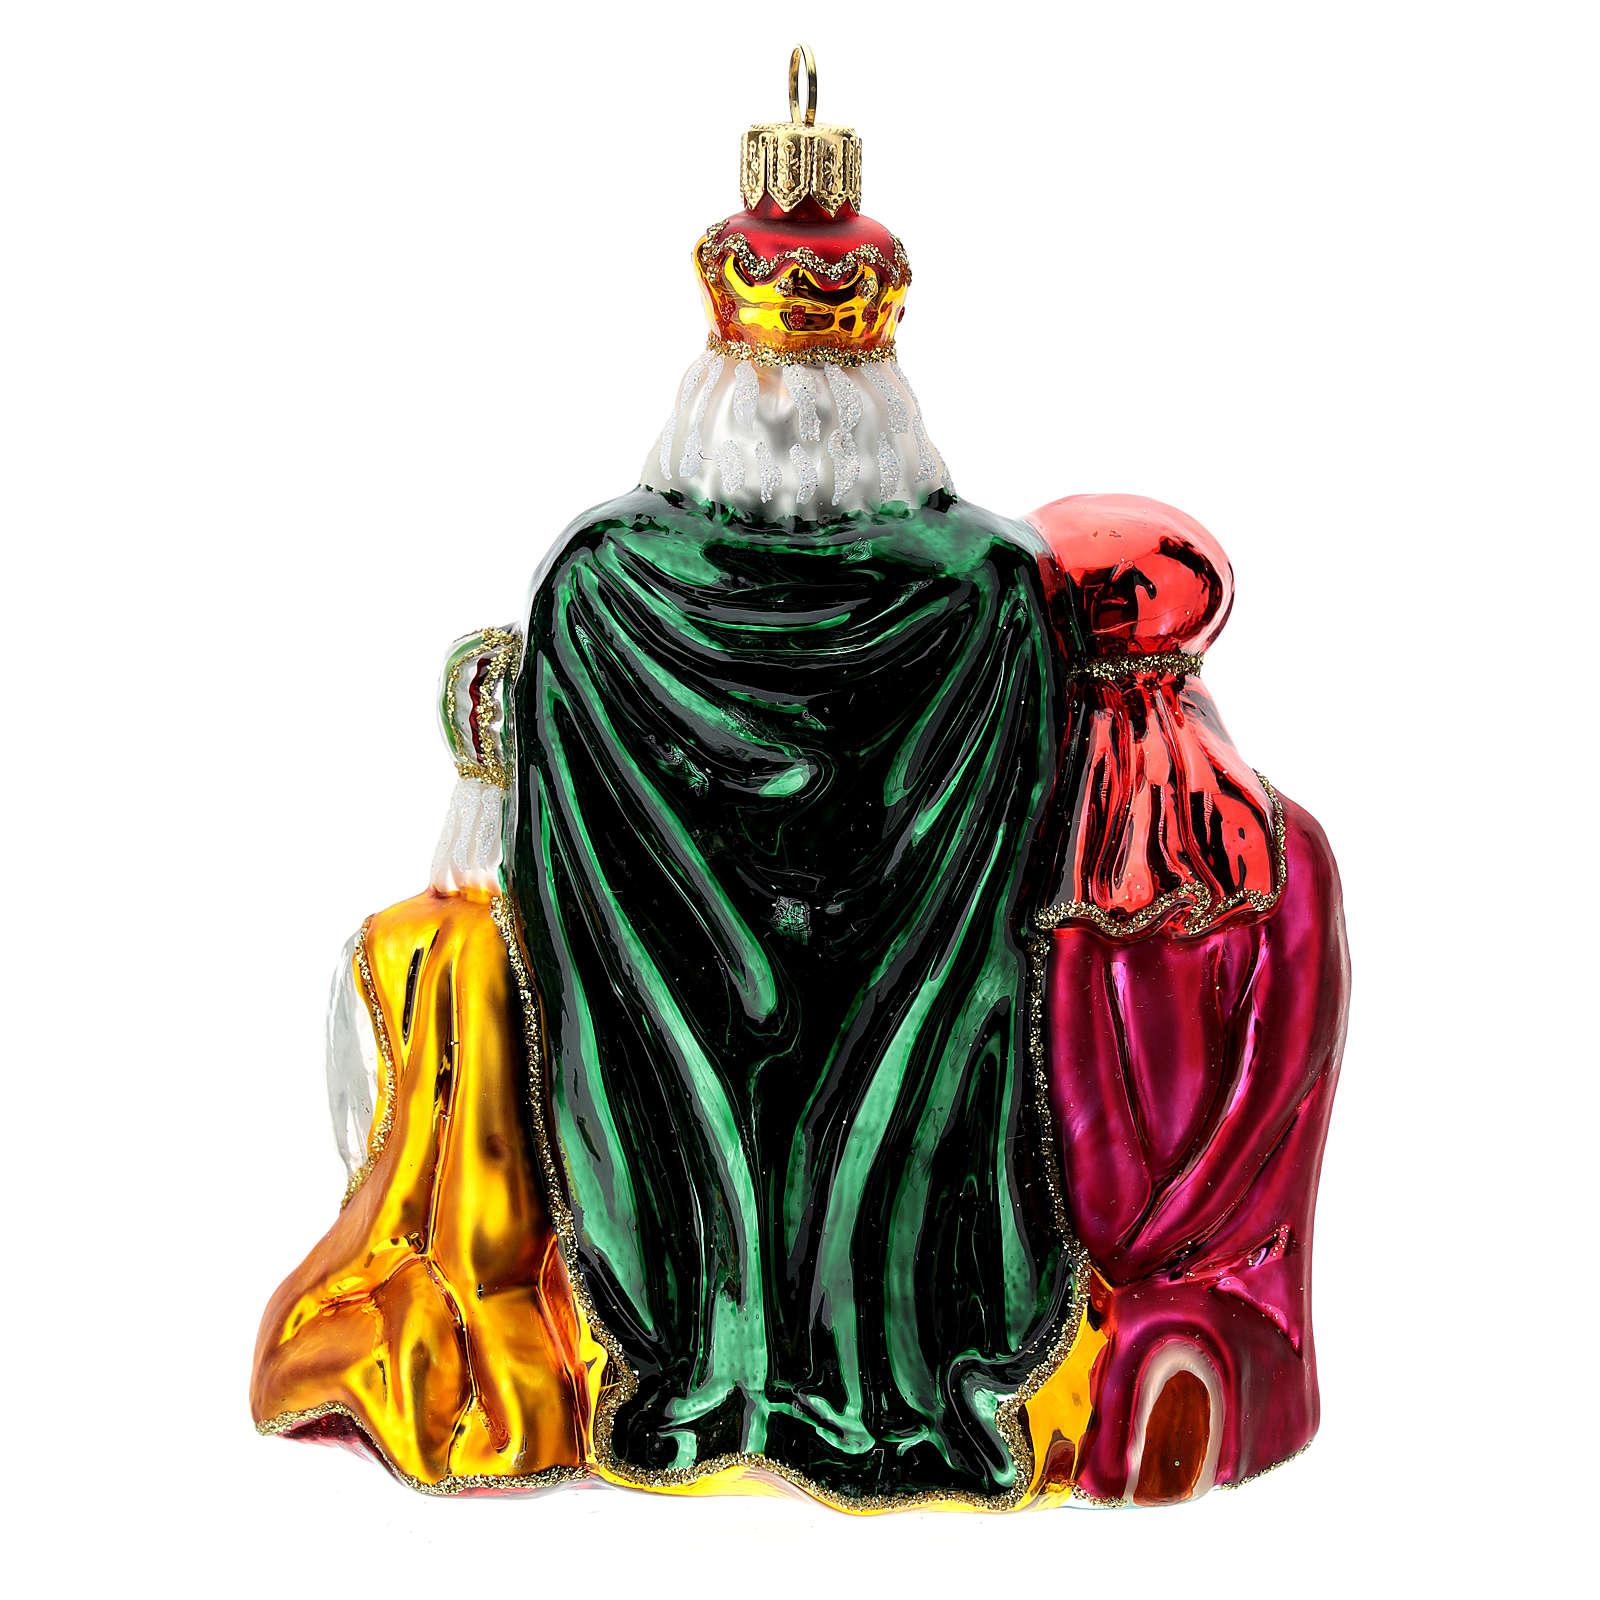 Adorno Árbol Navidad Reyes Magos vidrio soplado 4